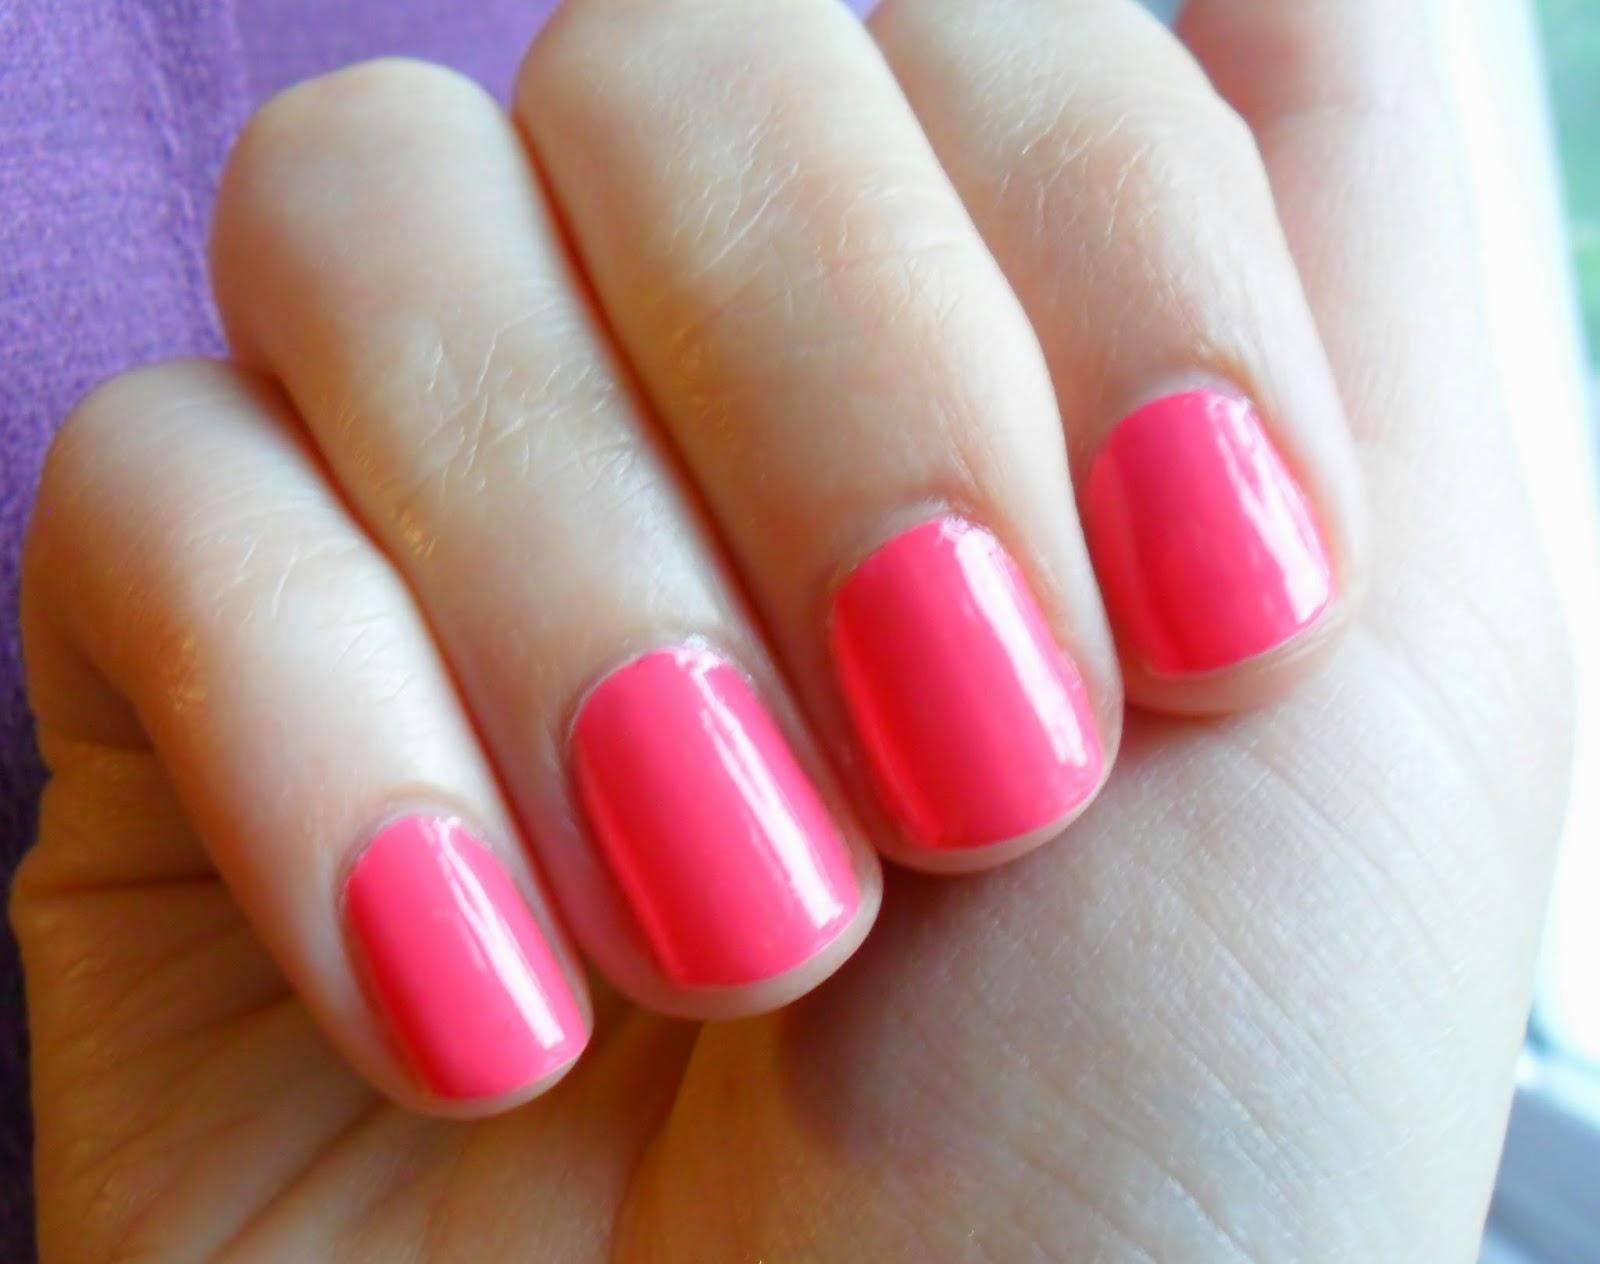 NOTD: Revlon ColorStay Gel Envy Longwear Nail Enamel in 120 Hot Hand Review Swatch